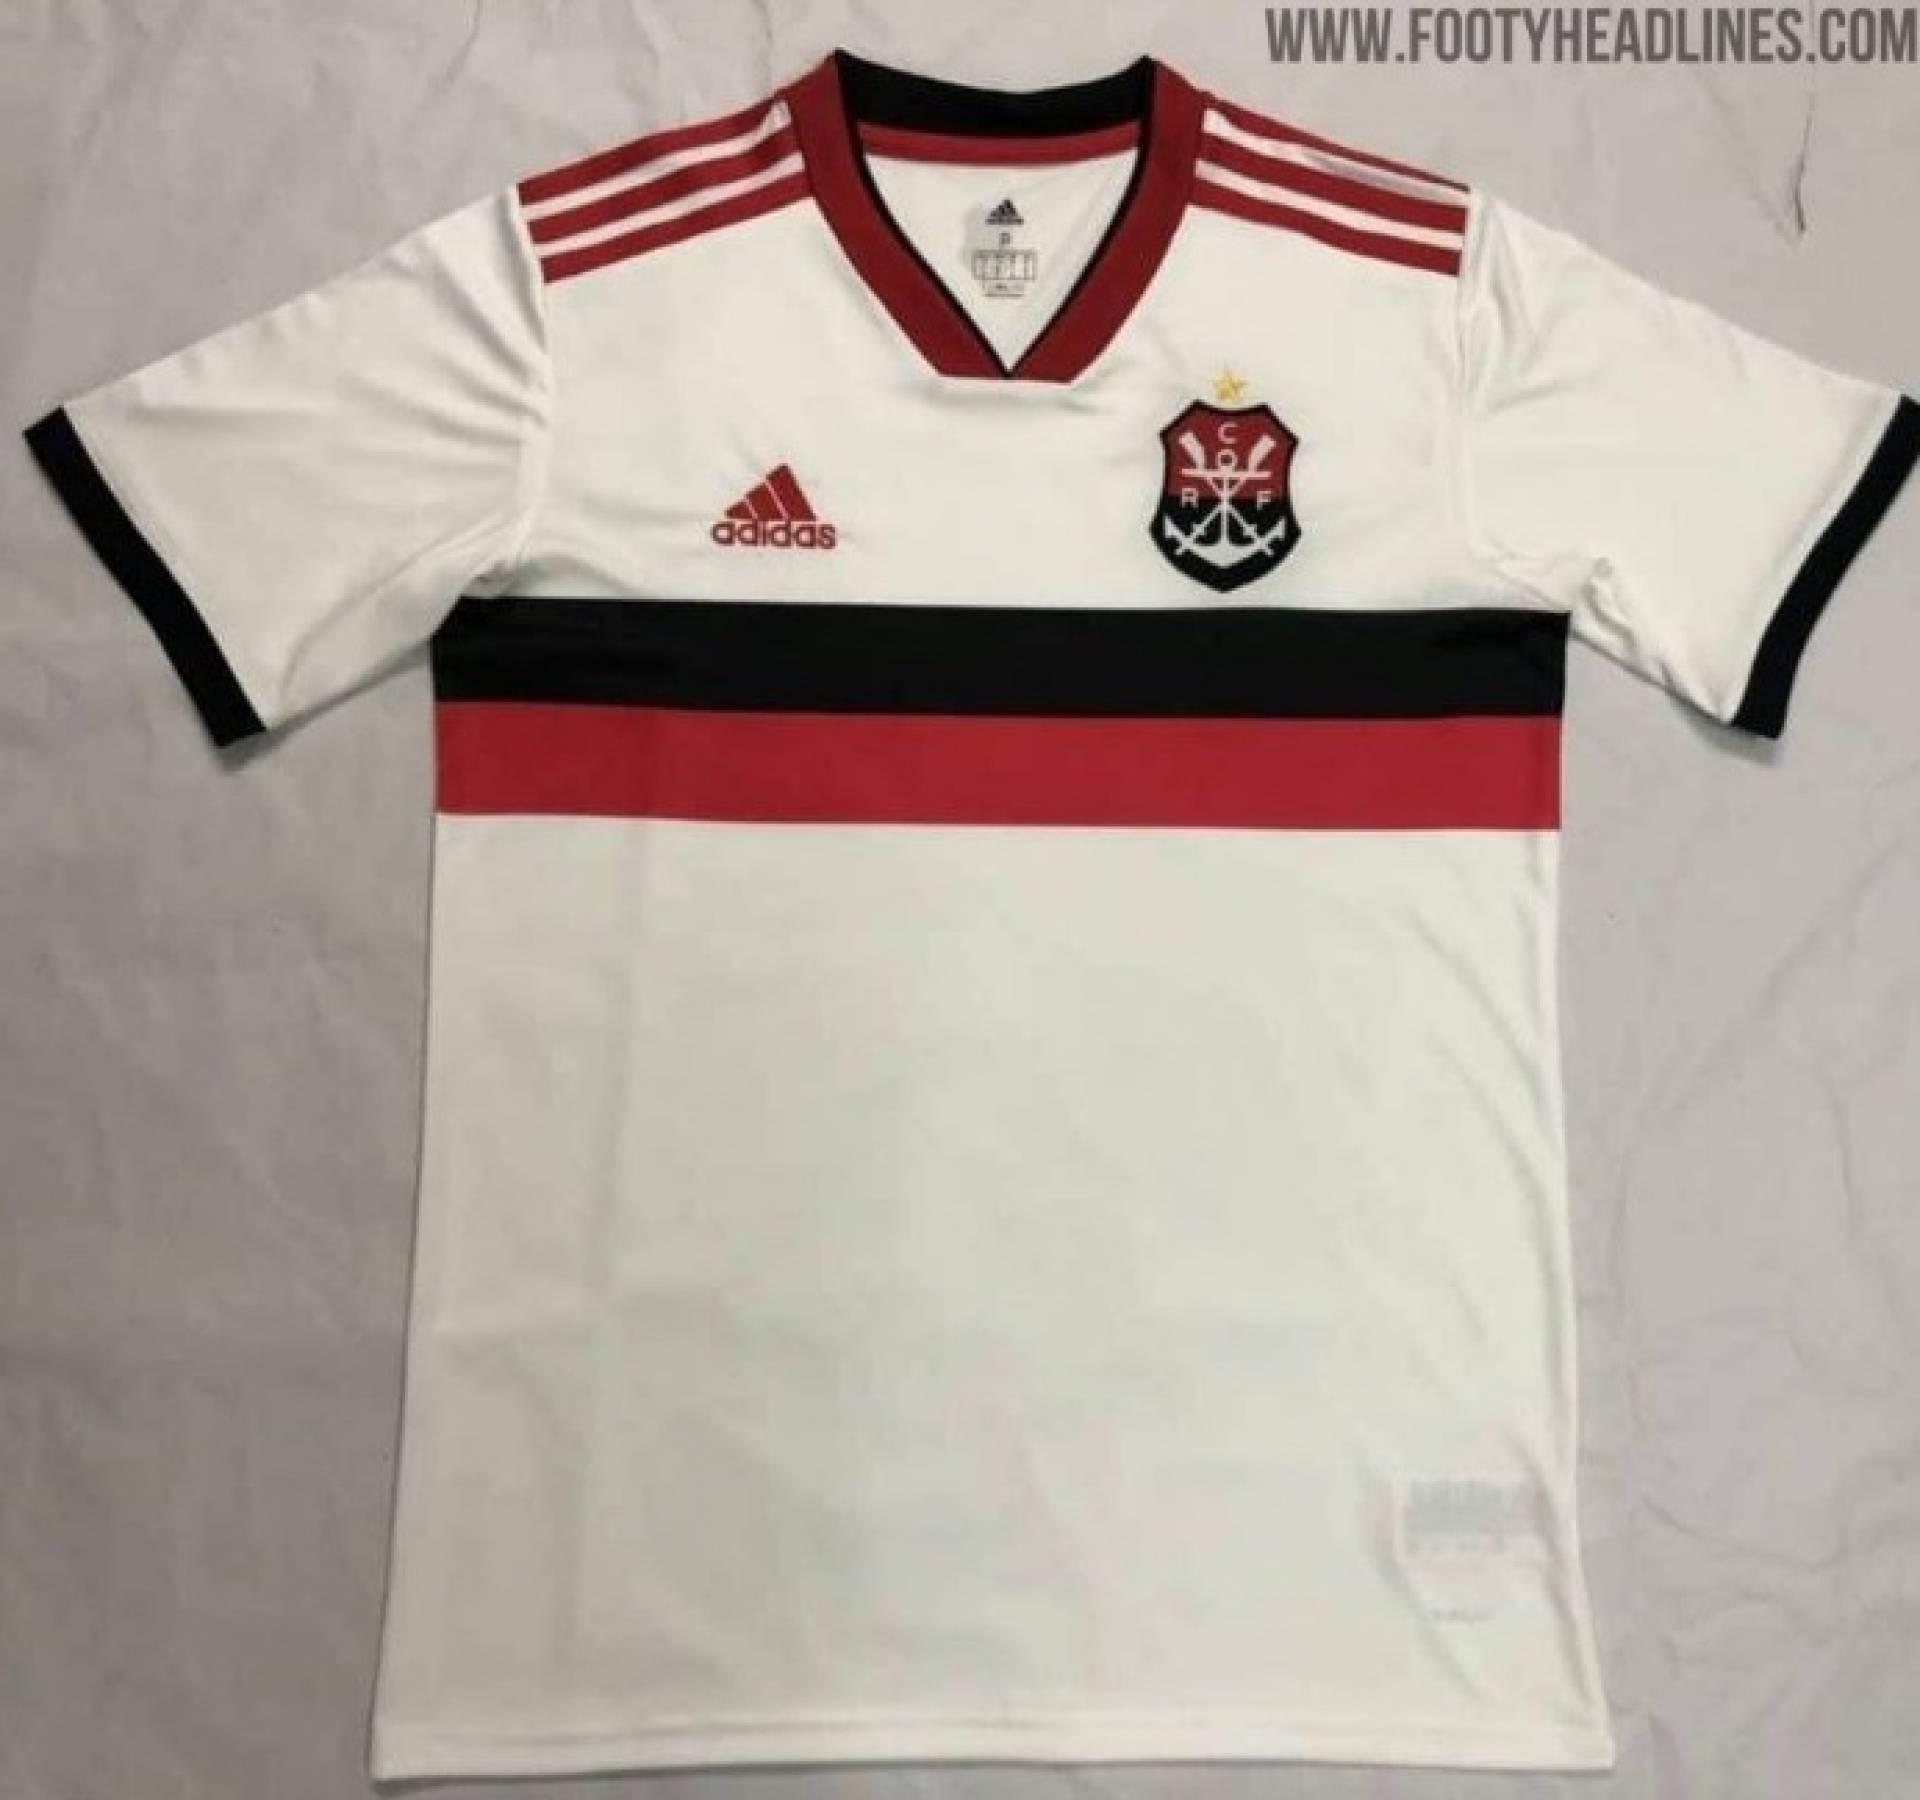 7ccbaa76a Site divulga imagens de suposta camisa 2 do Flamengo para 2019 ...